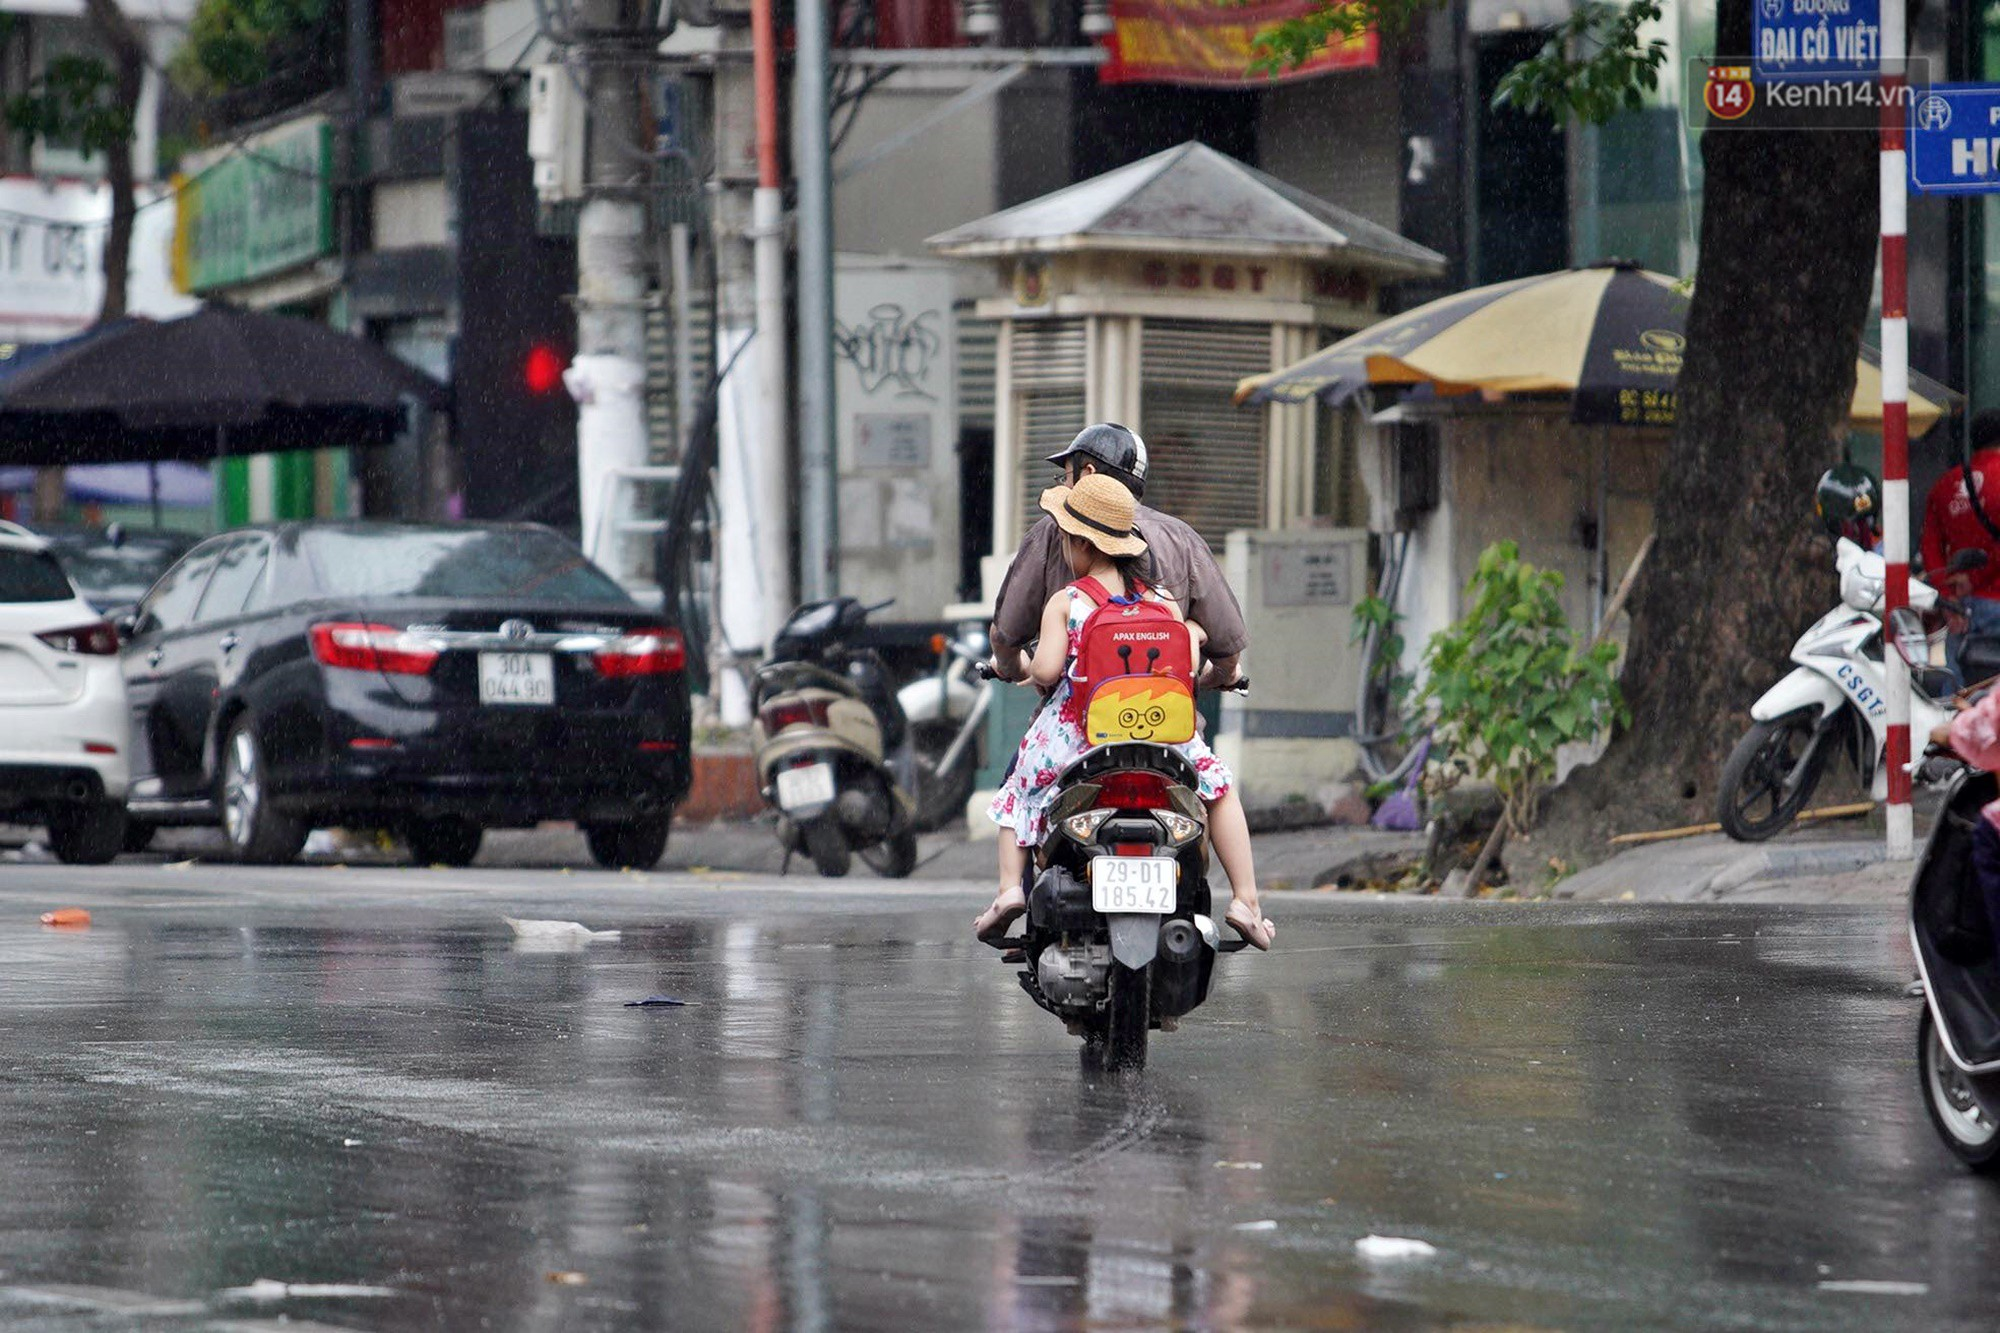 Hà Nội bắt đầu đổ mưa do ảnh hưởng của bão số 2, người dân chật vật lưu thông giờ tan tầm - Ảnh 1.